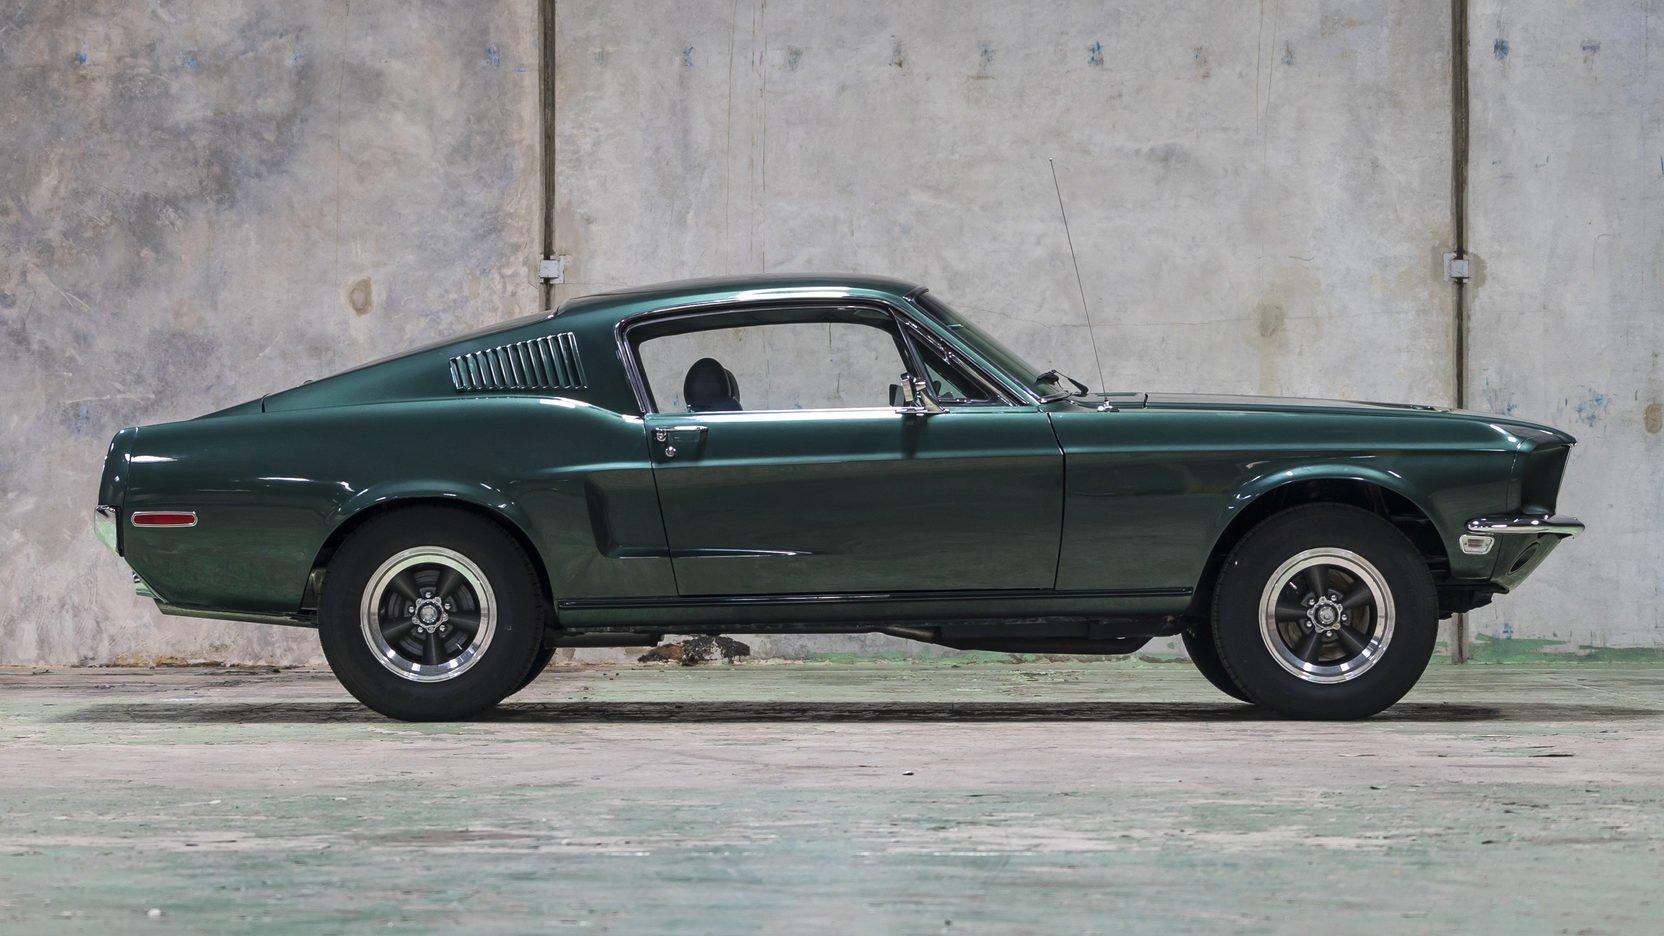 1968-Ford-Mustang-Bullitt-7.jpg